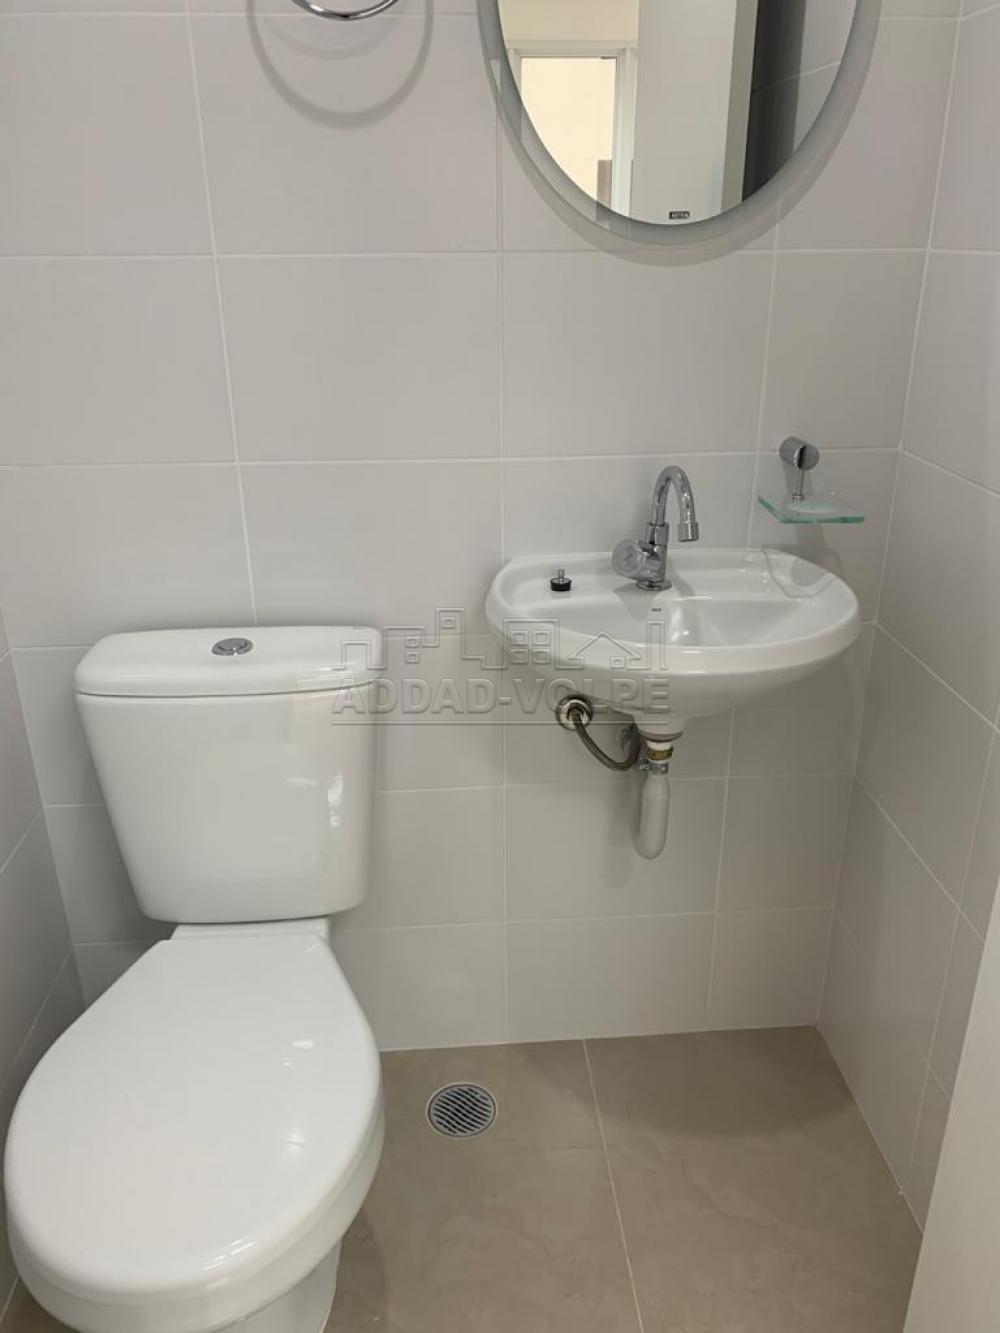 Alugar Comercial / Sala em Condomínio em Bauru R$ 2.500,00 - Foto 4